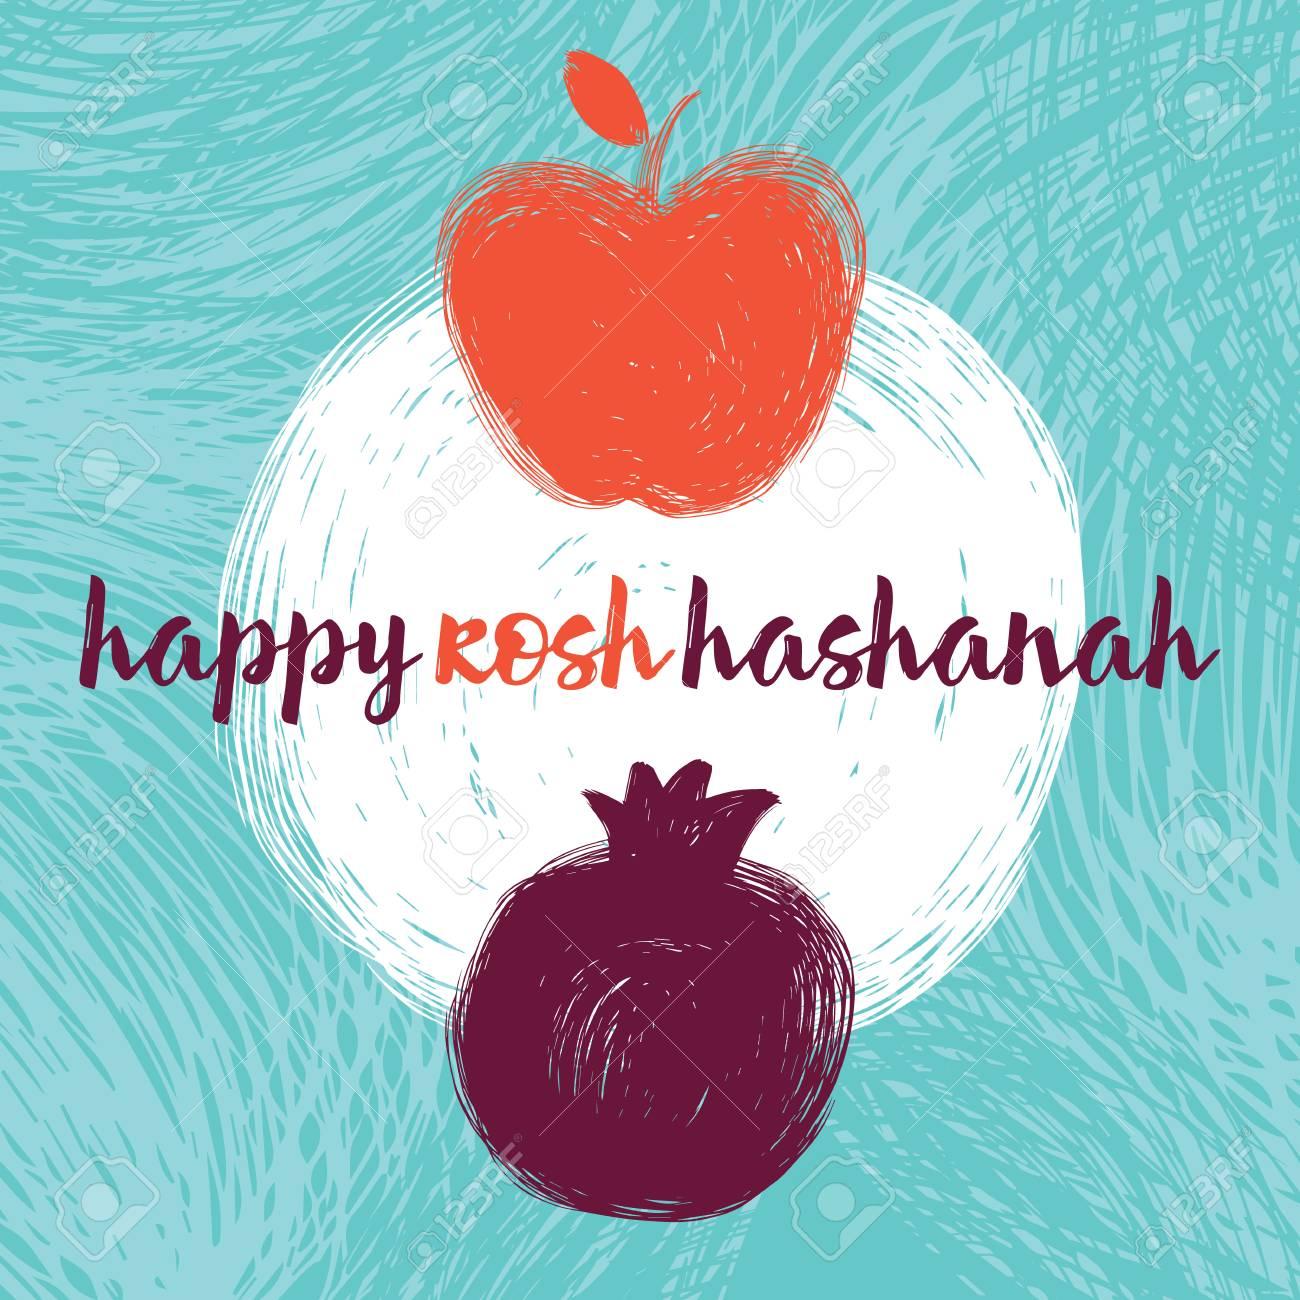 Greeting card wiyh symbol of rosh hashanah pomegranate and apple greeting card wiyh symbol of rosh hashanah pomegranate and apple jewish new year m4hsunfo